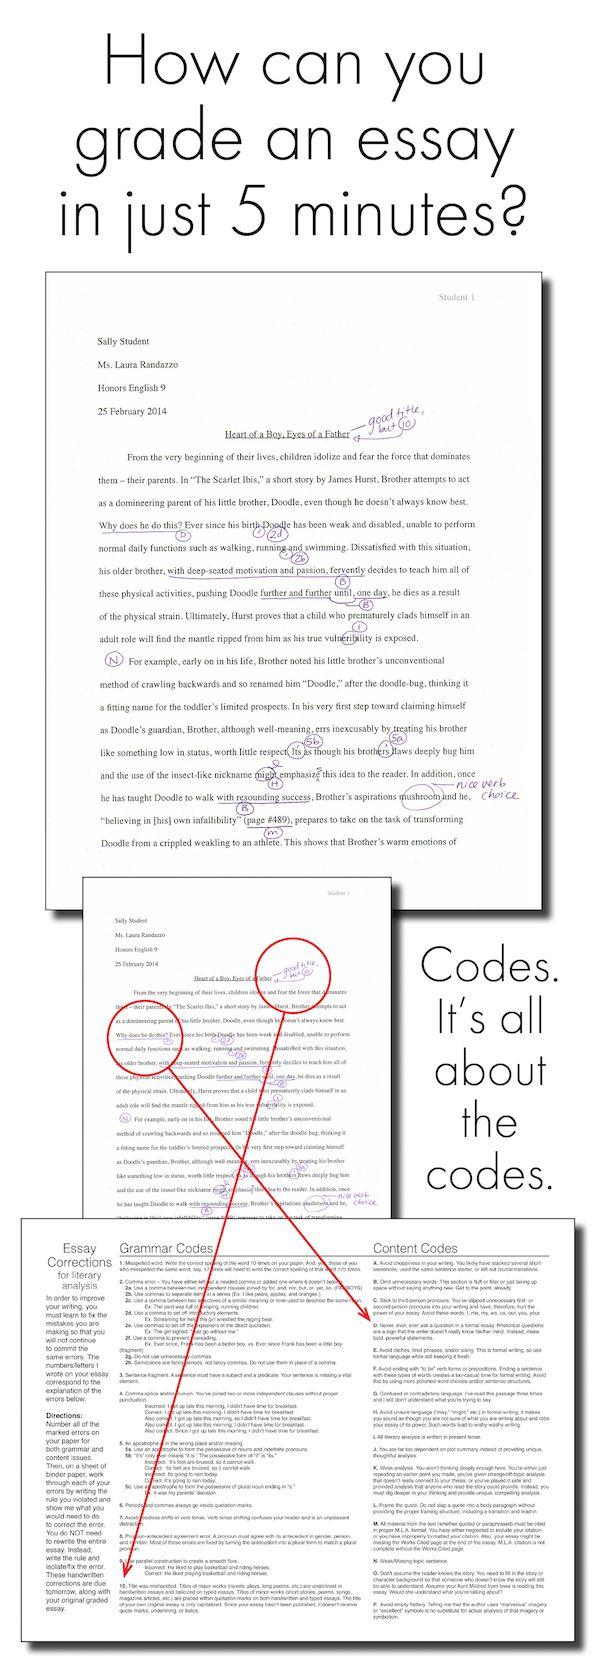 online grading system 5 essay